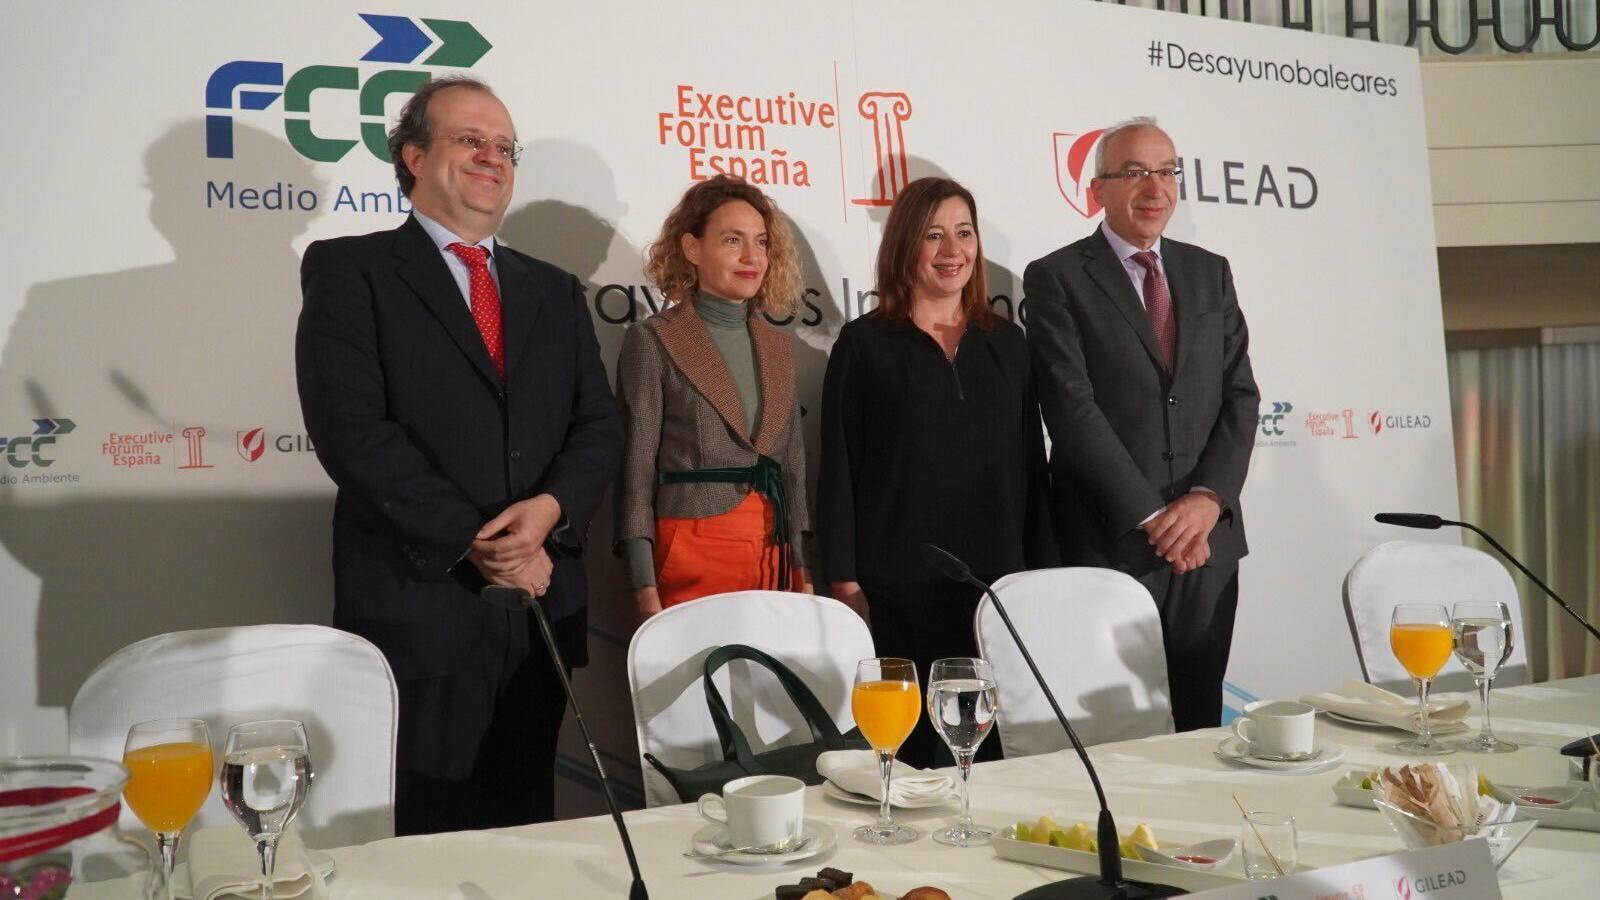 La presidenta del Govern, Francina Armengol, amb la presidenta del Congrés, Meritxell Batet a l'Executive Forum Espanya